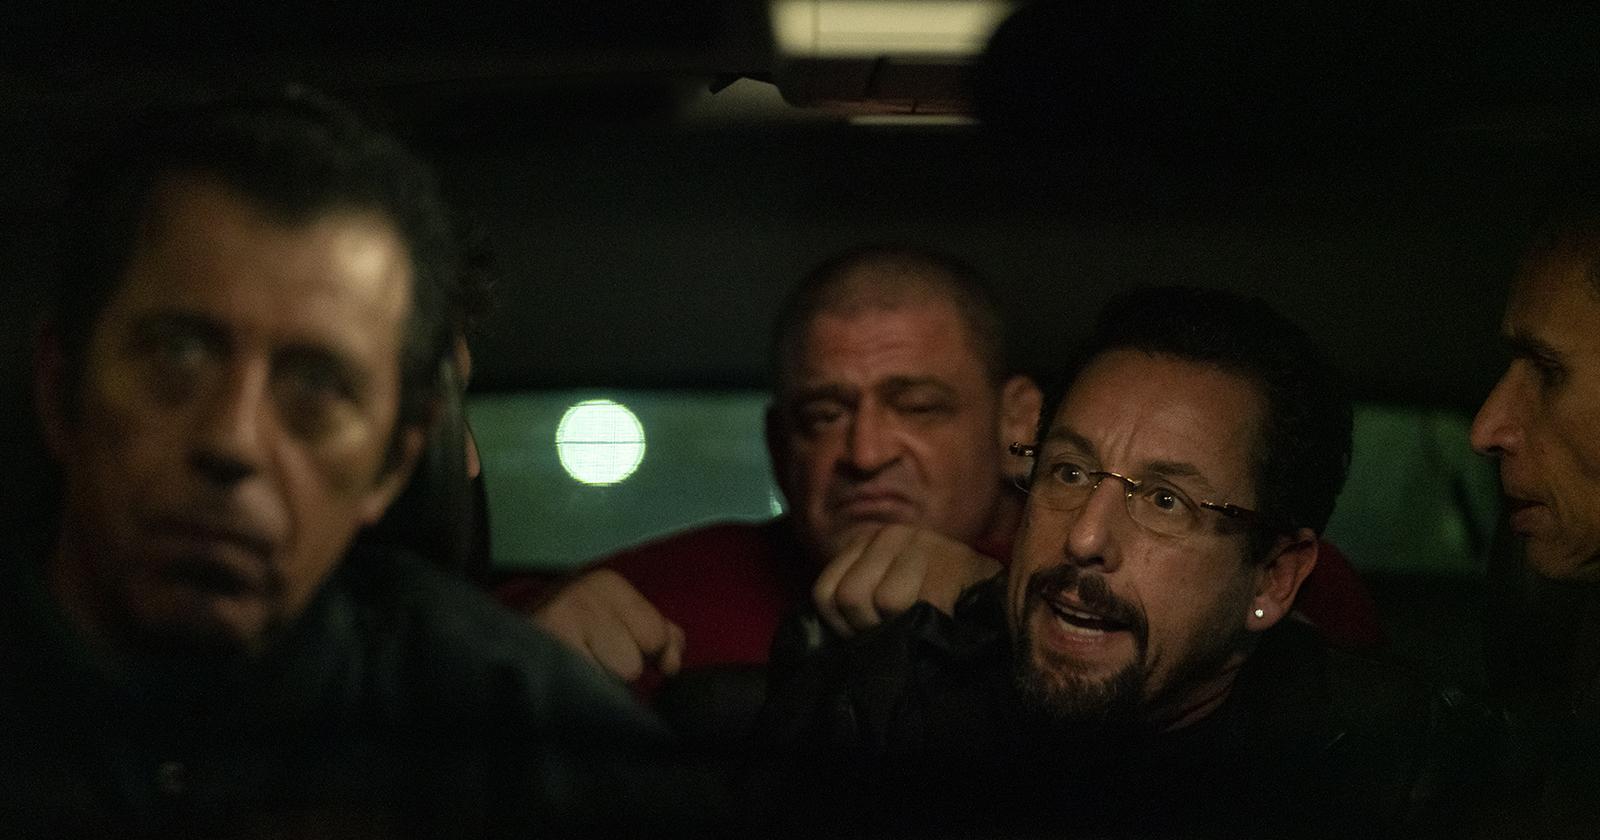 En una escena de Diamantes en bruto, el personaje de Adam Sandler es embaucado por gente a quienes les debe dinero